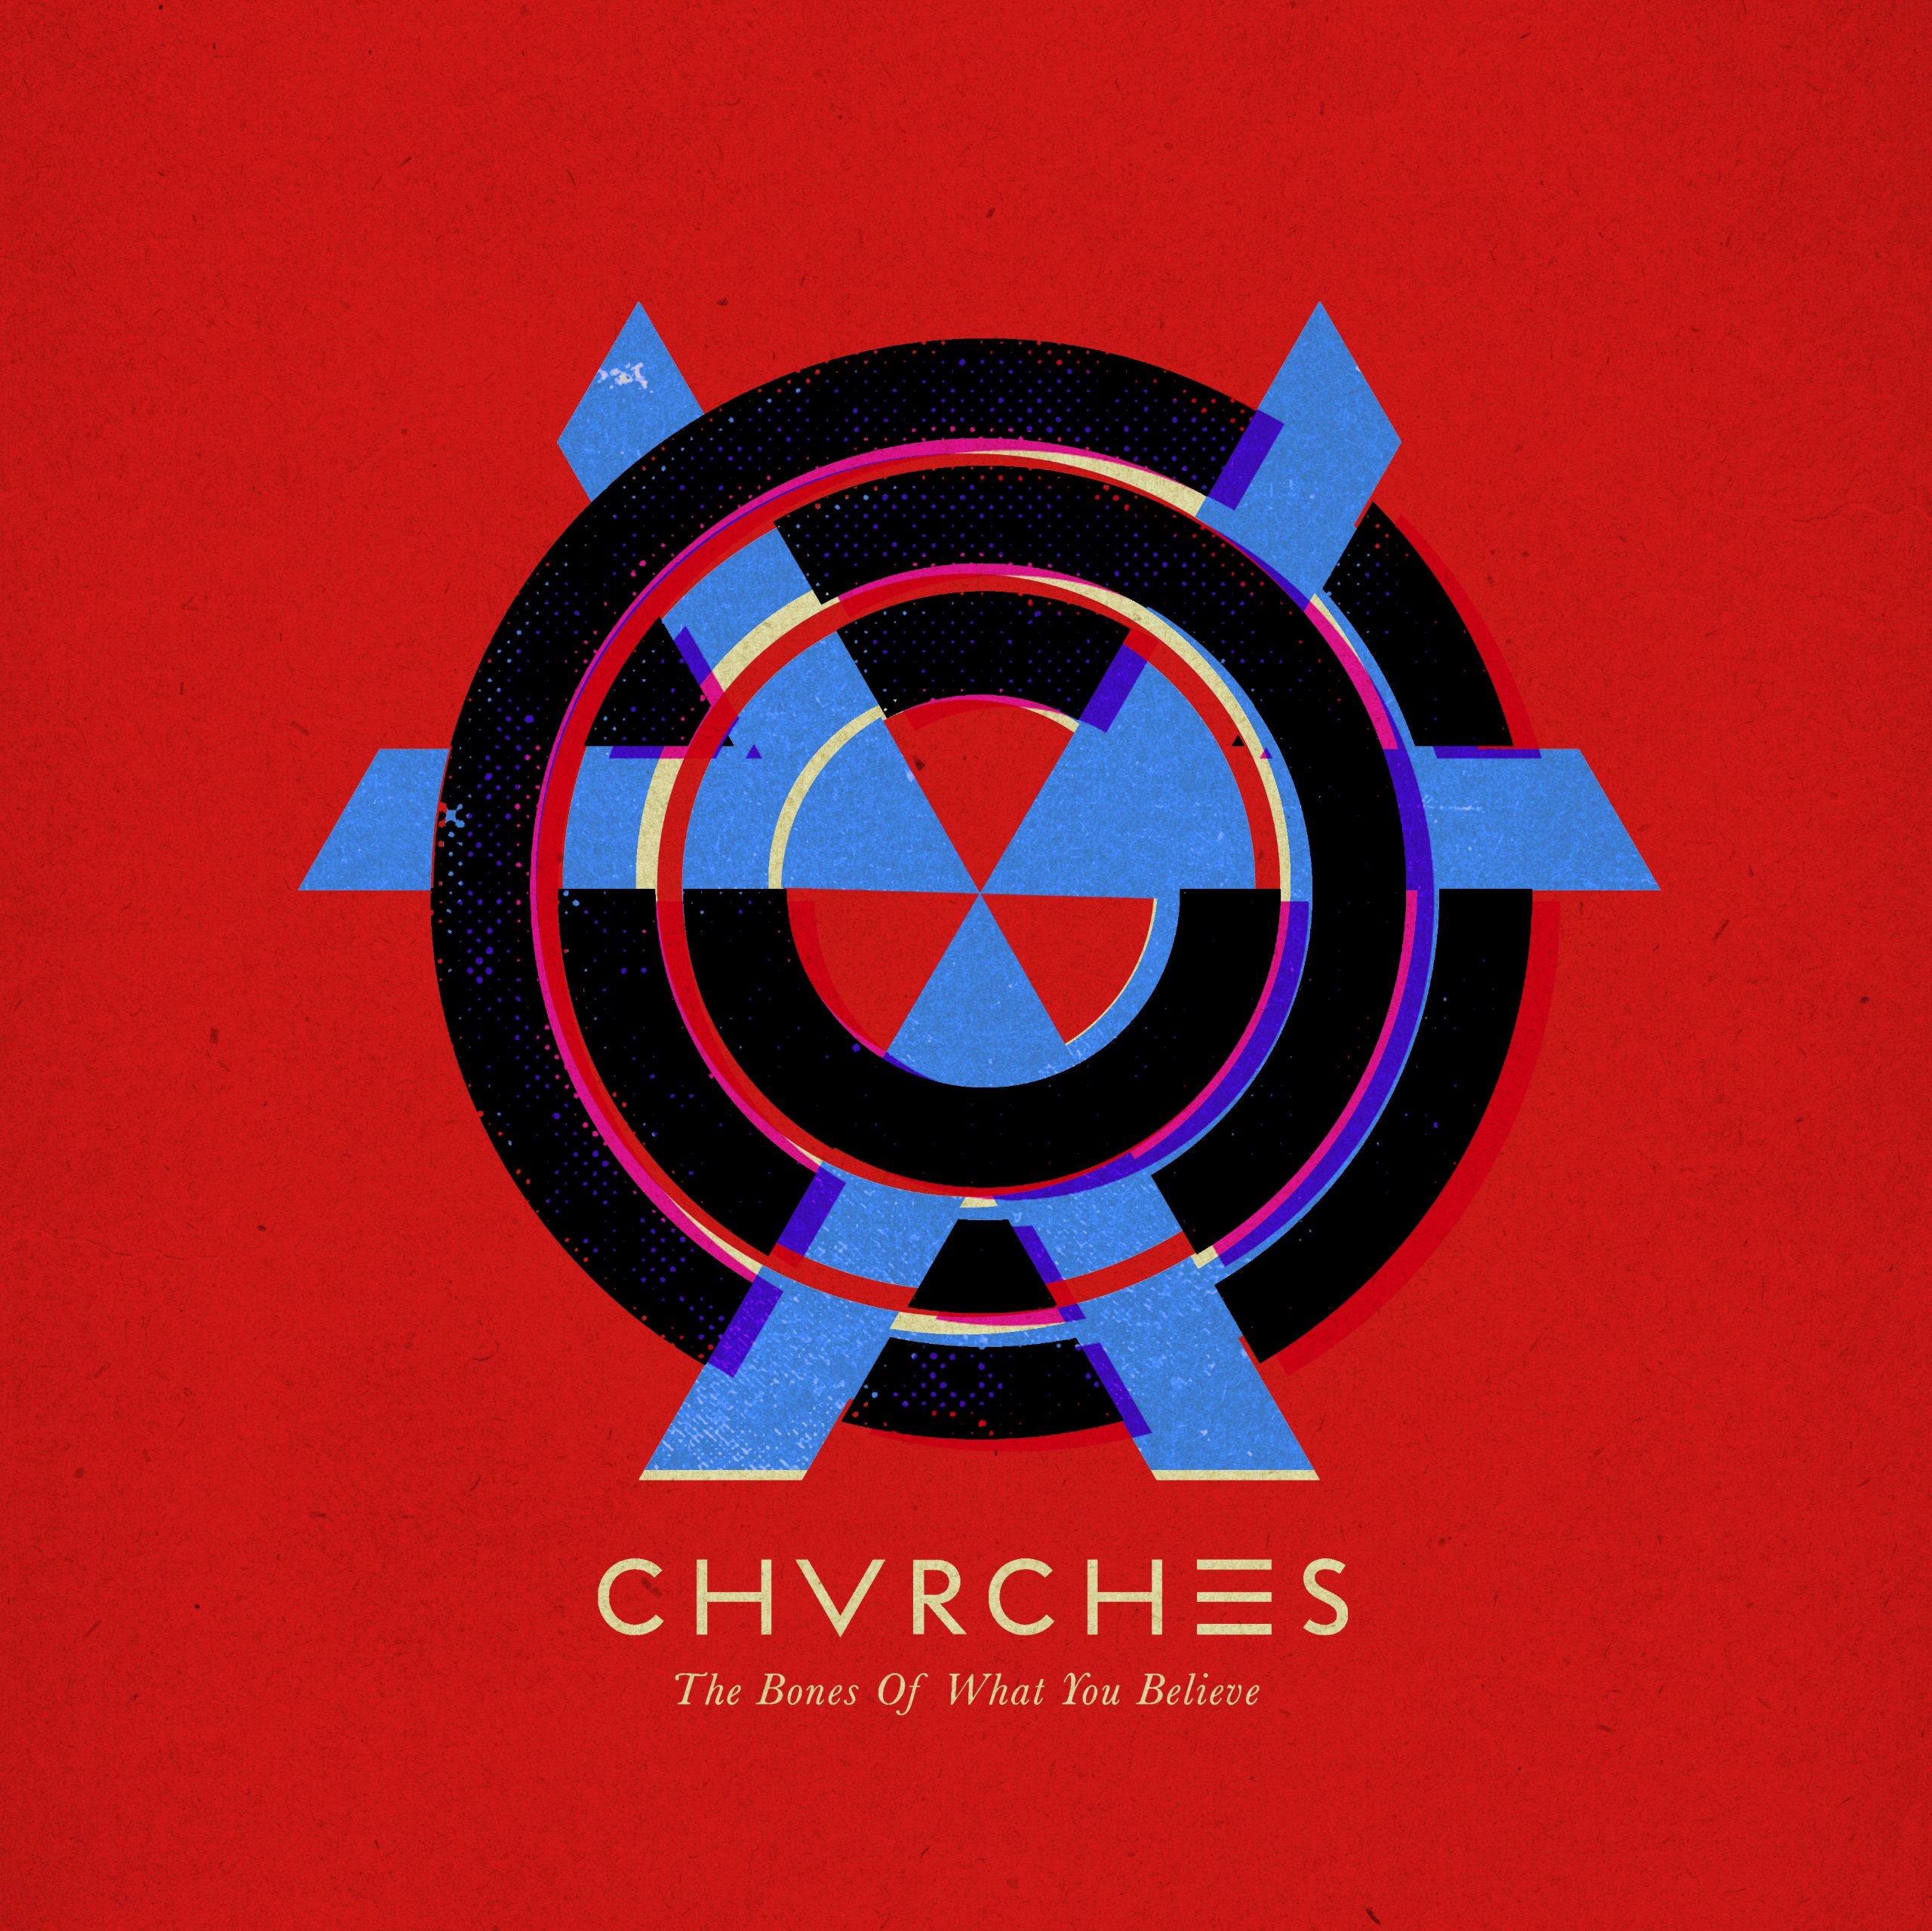 Vinilo : Chvrches - Bones of What You Believe (LP Vinyl)